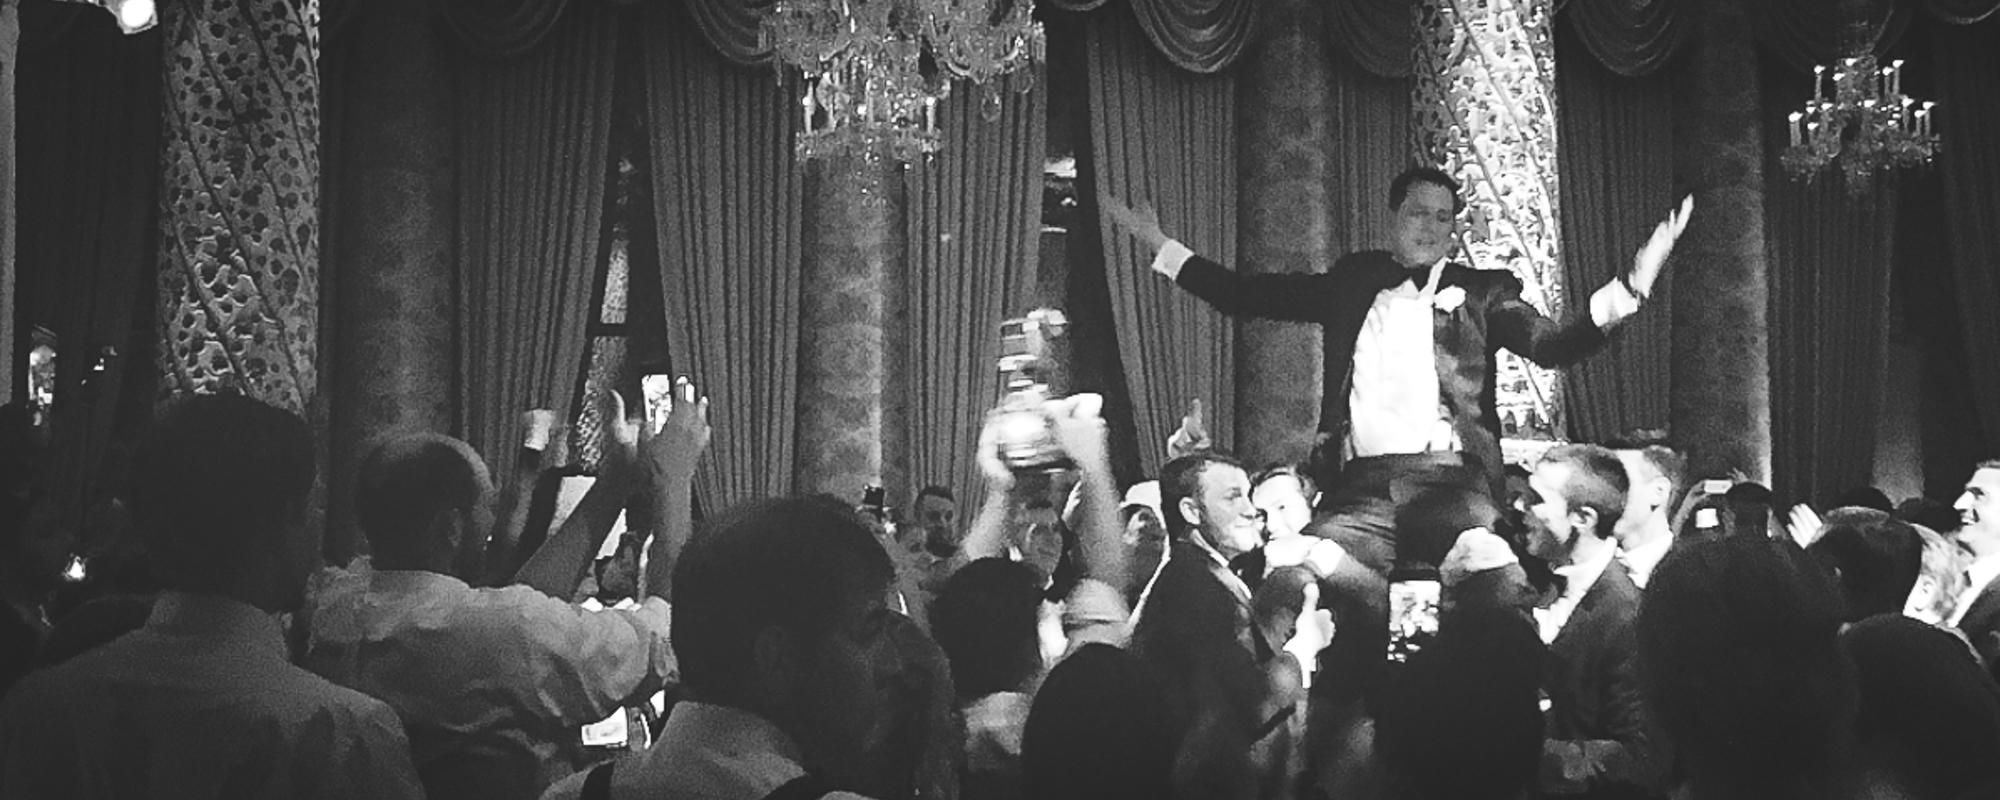 wedding-dancing-at-the-drake.jpg.jpg